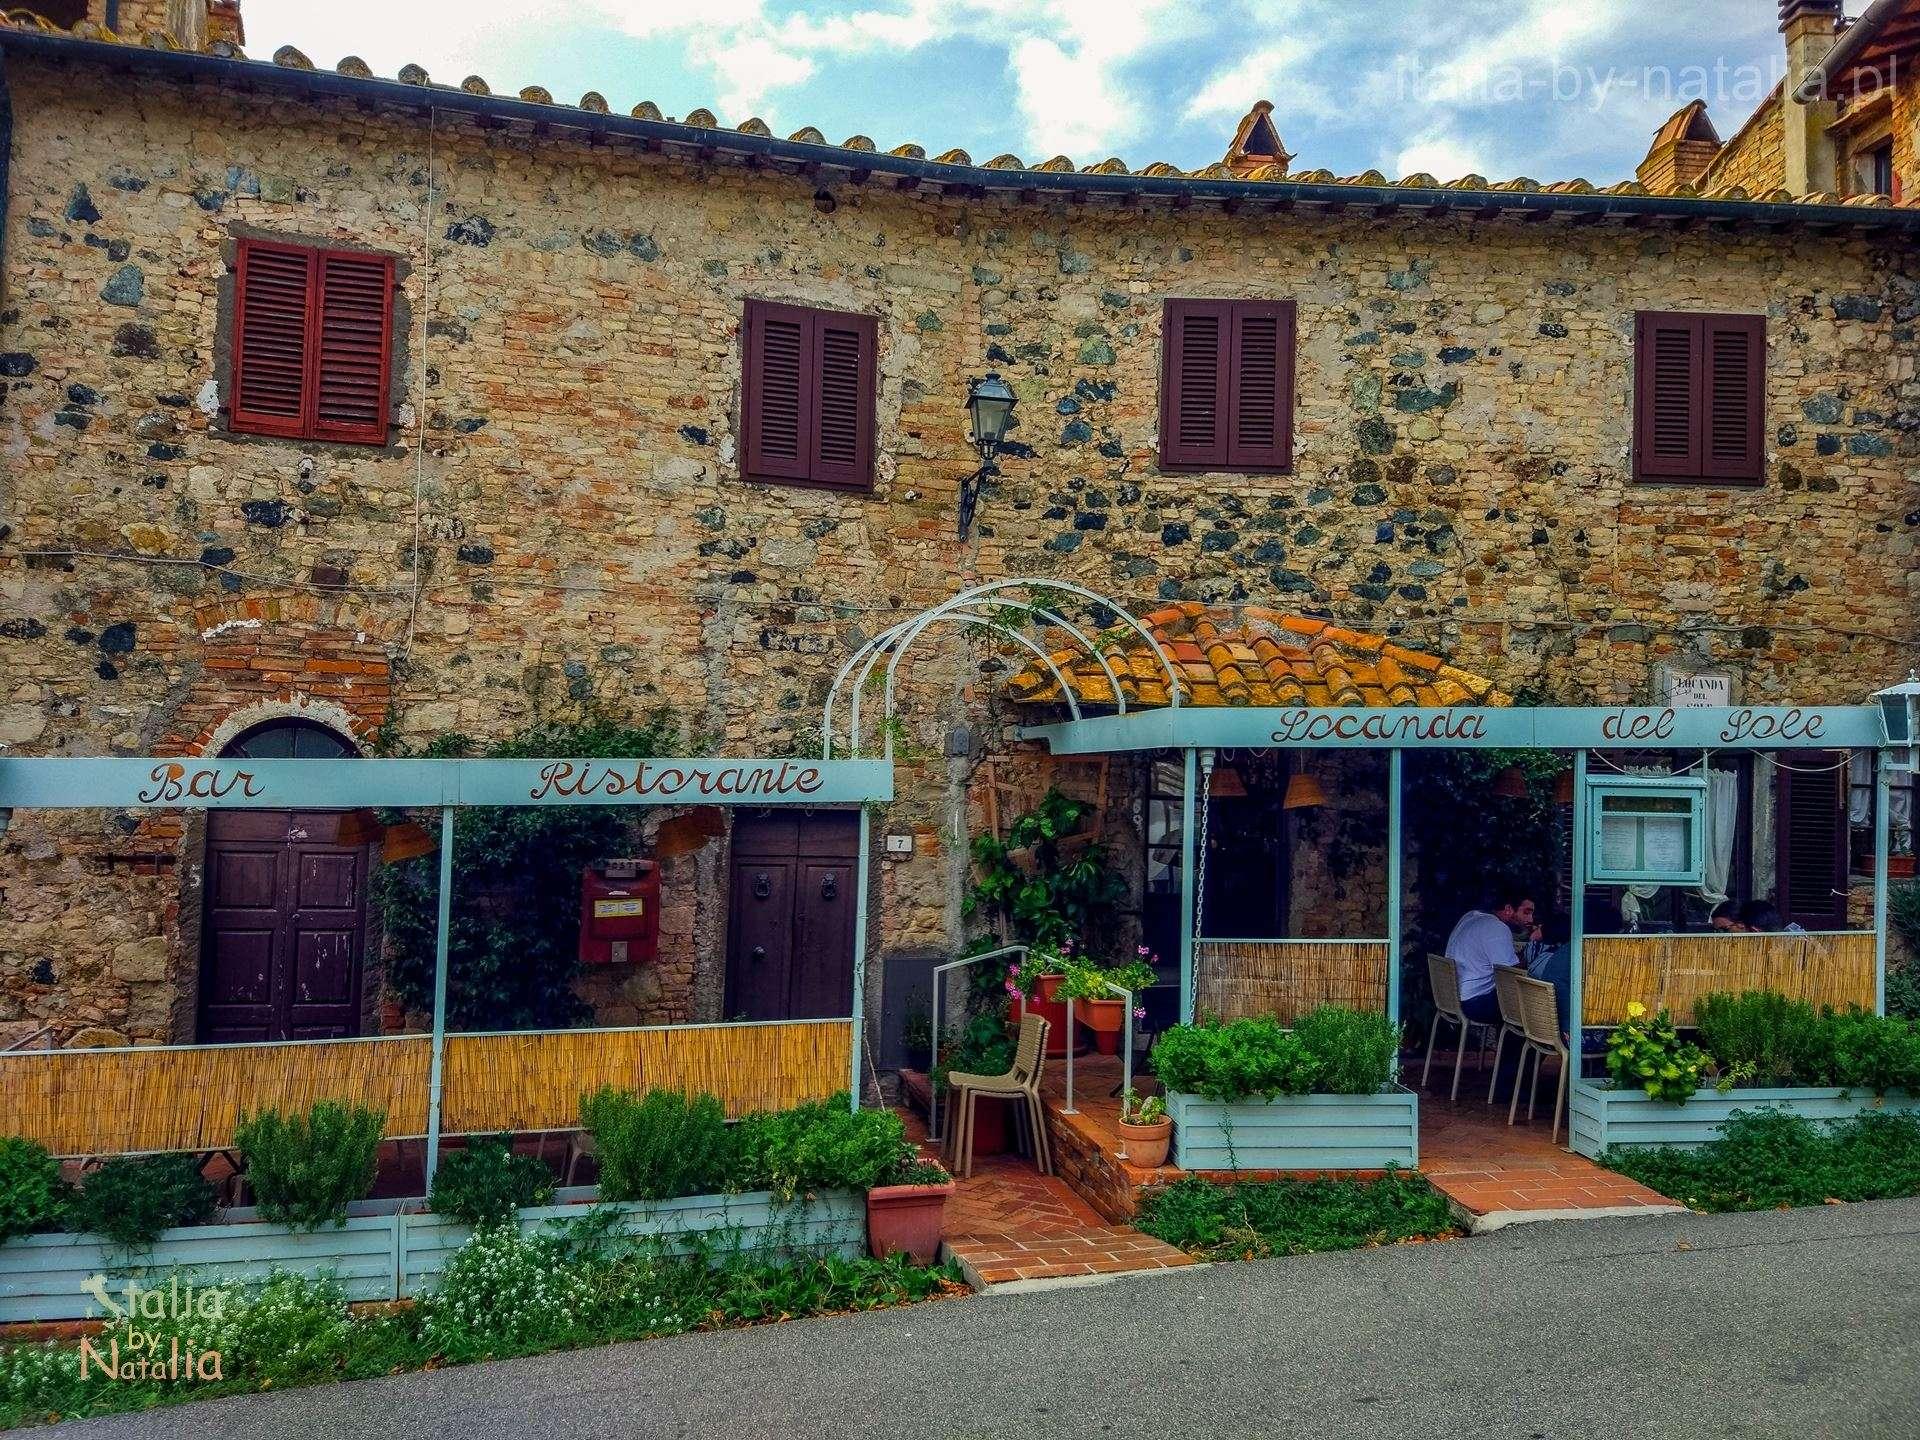 Querceto Toskania Val di Cecina małe miasteczko Prowincja Piza najlepsze lody we włoszech